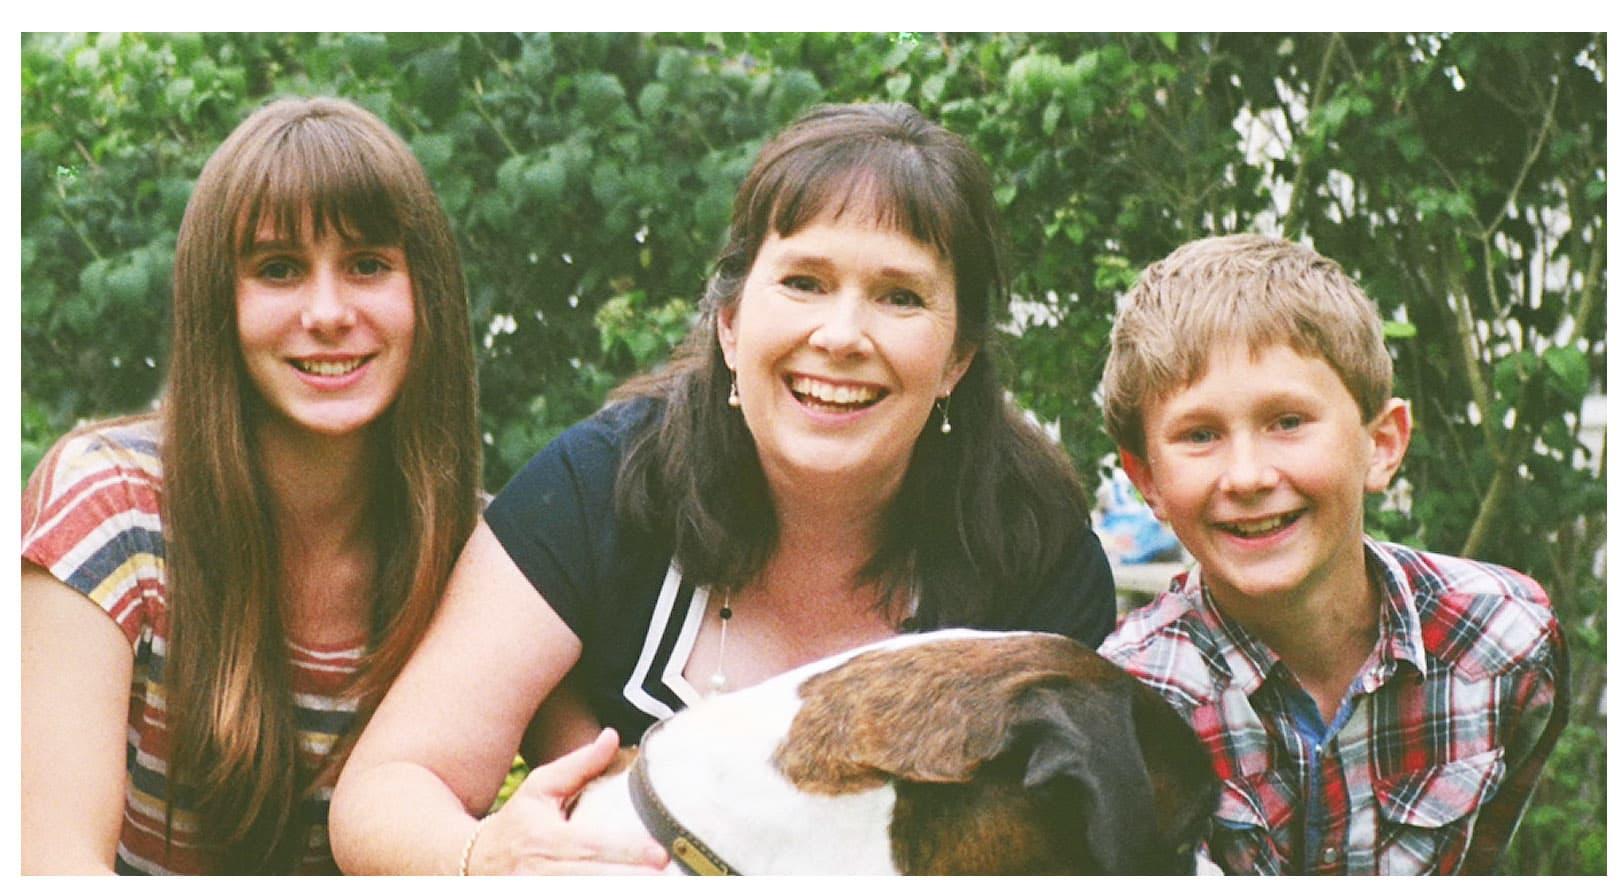 HANDOUT Julie Deane and her older kids